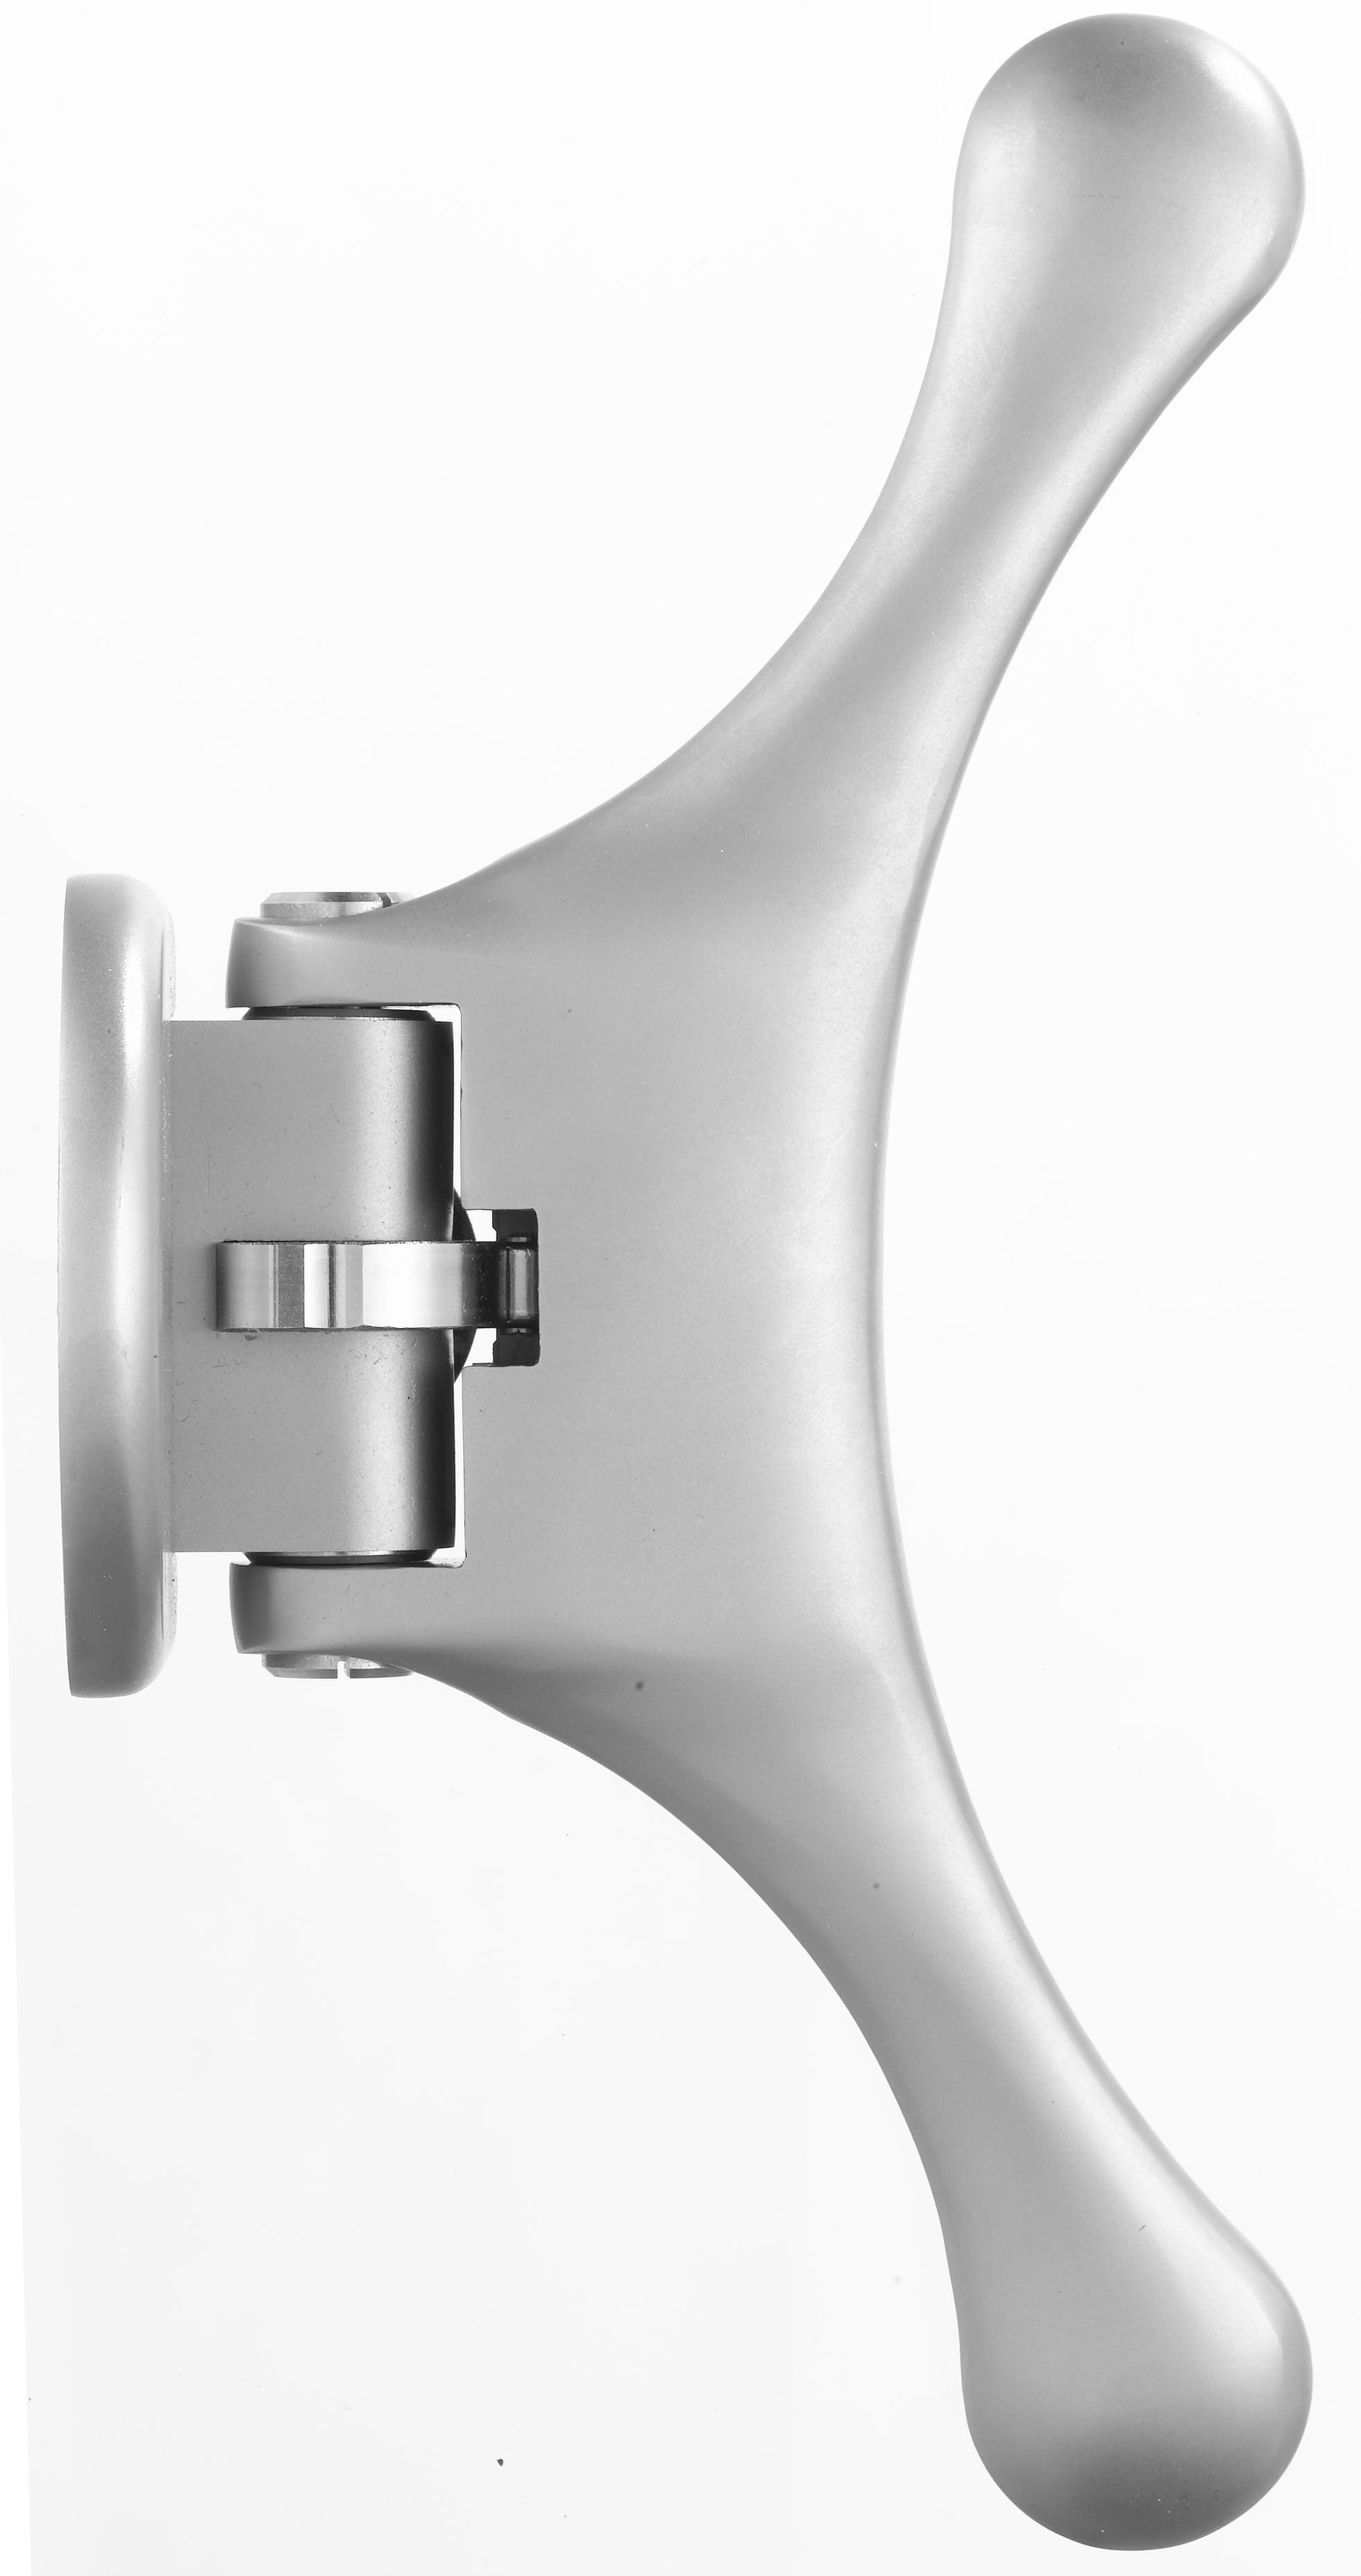 Sisteme de fixare si rotatie pentru usi pivotante SADEV DECOR - Poza 19